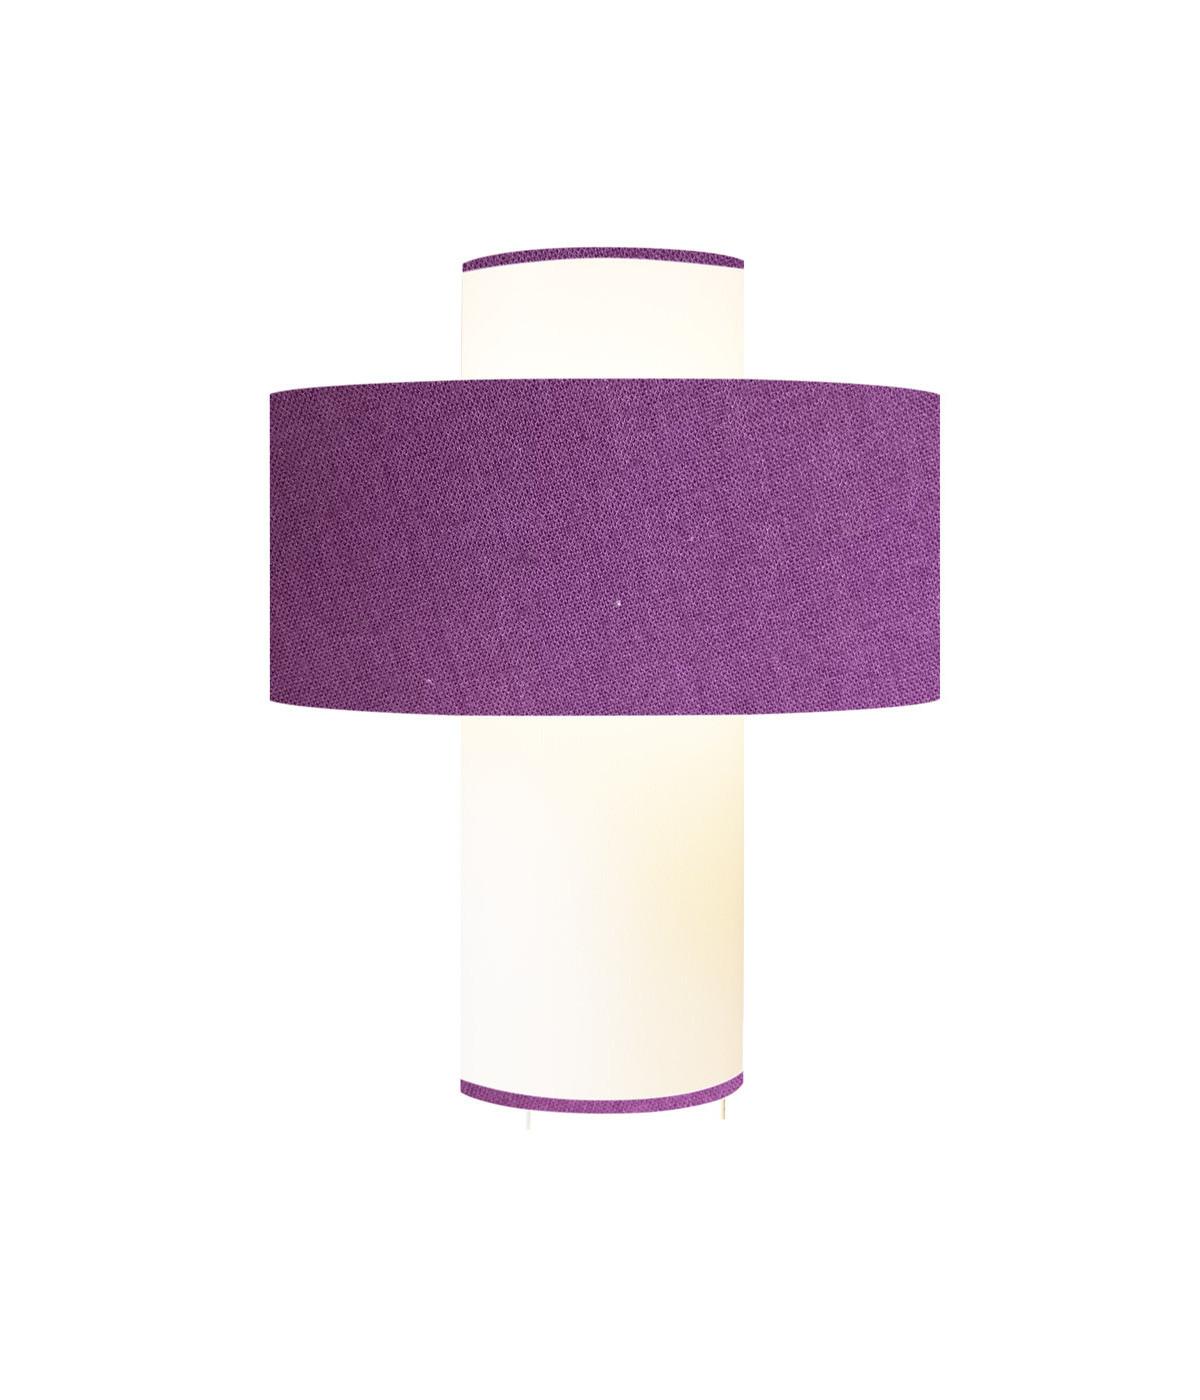 Lampe violet D 35 cm